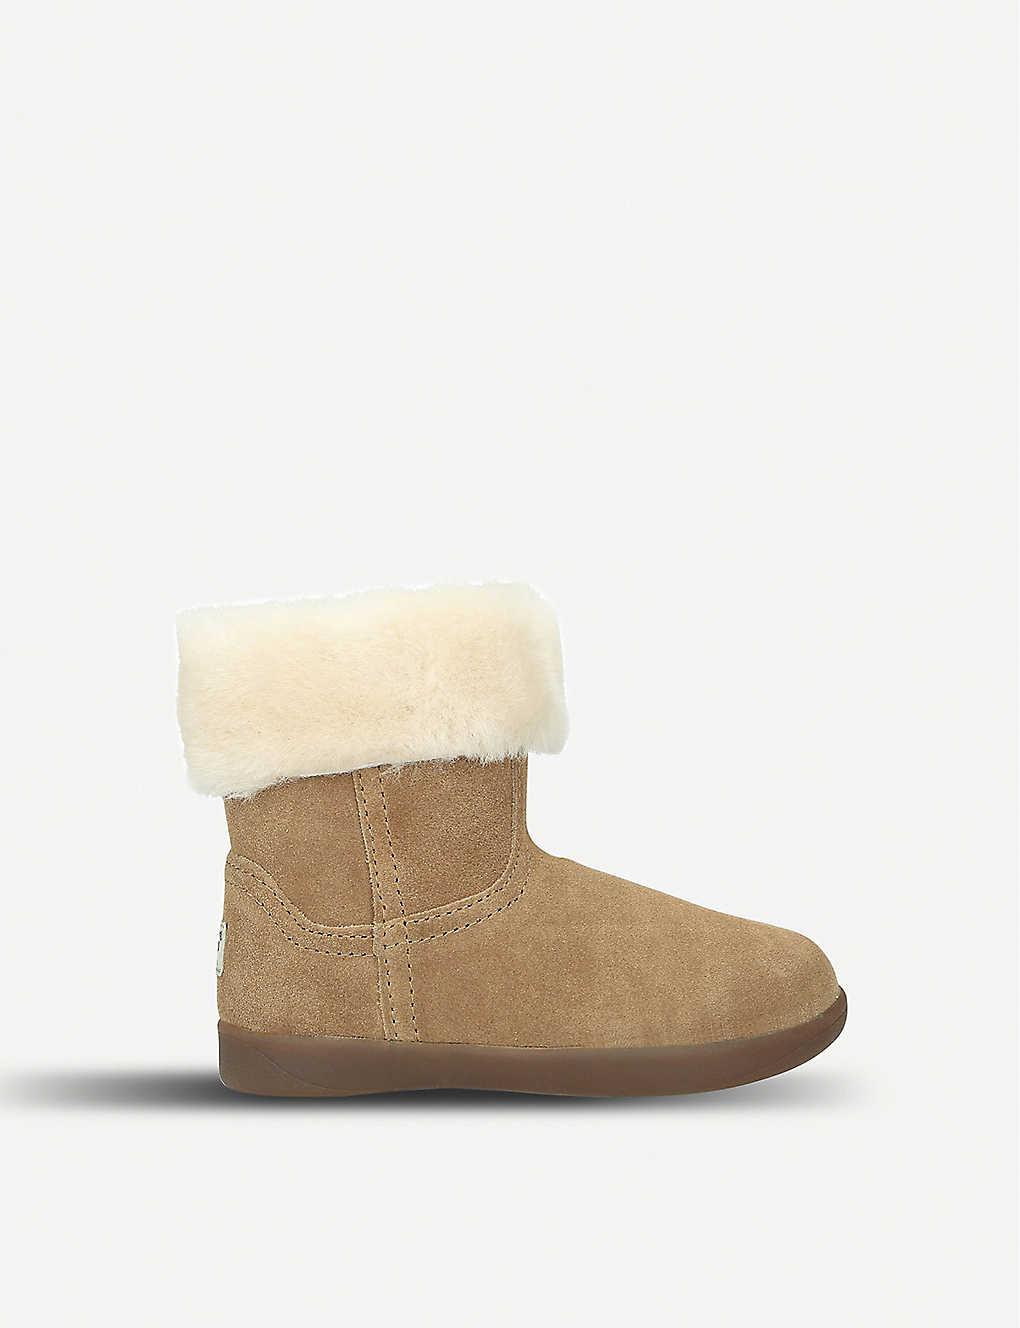 9751f6985e5 Jorie II suede and sheepskin boots